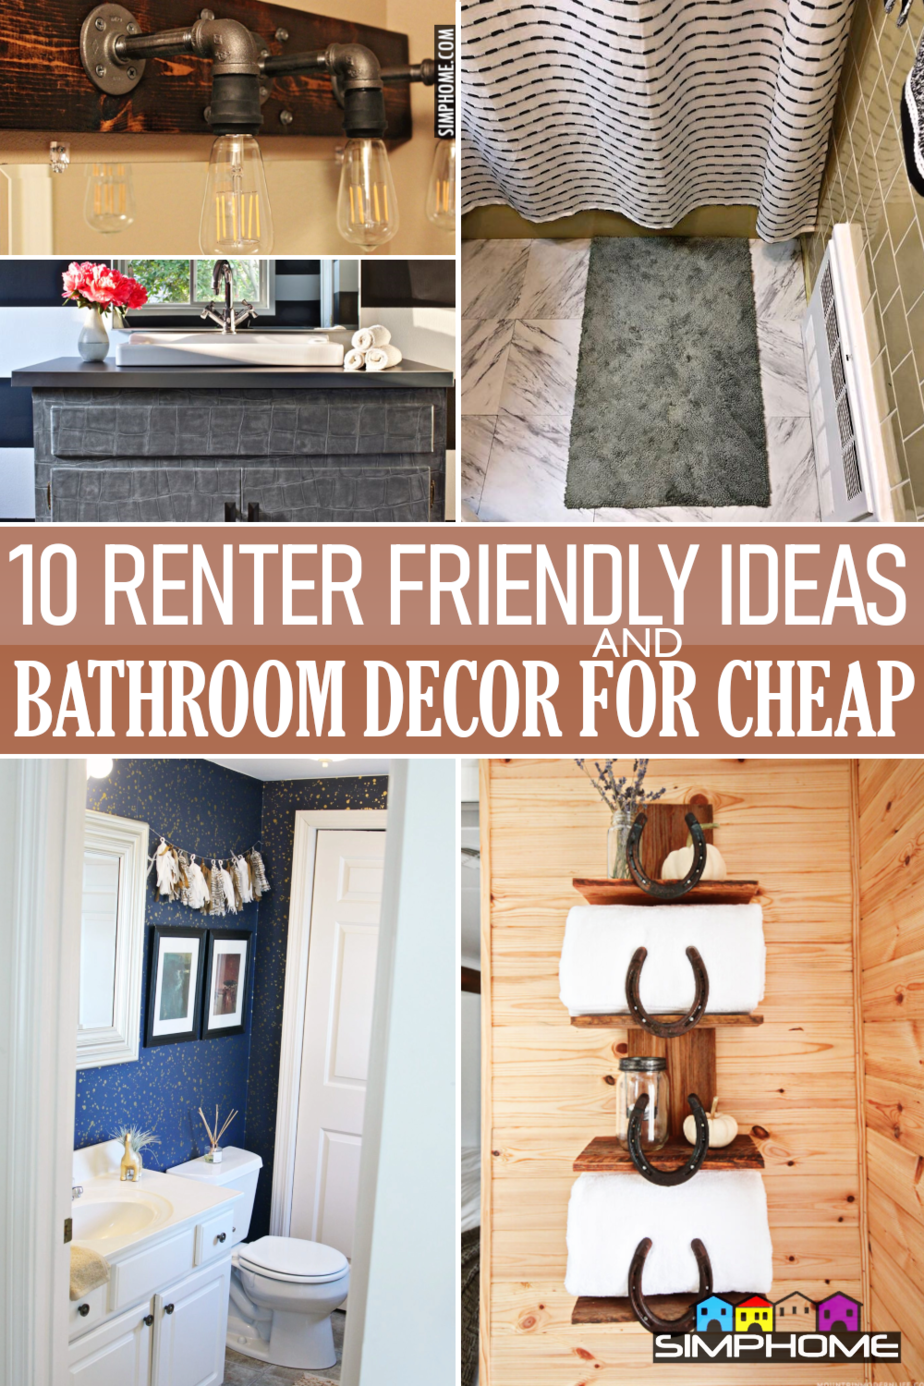 10 Renter Friendly Bathroom Decor Ideas via Simphome.com .FEATURED